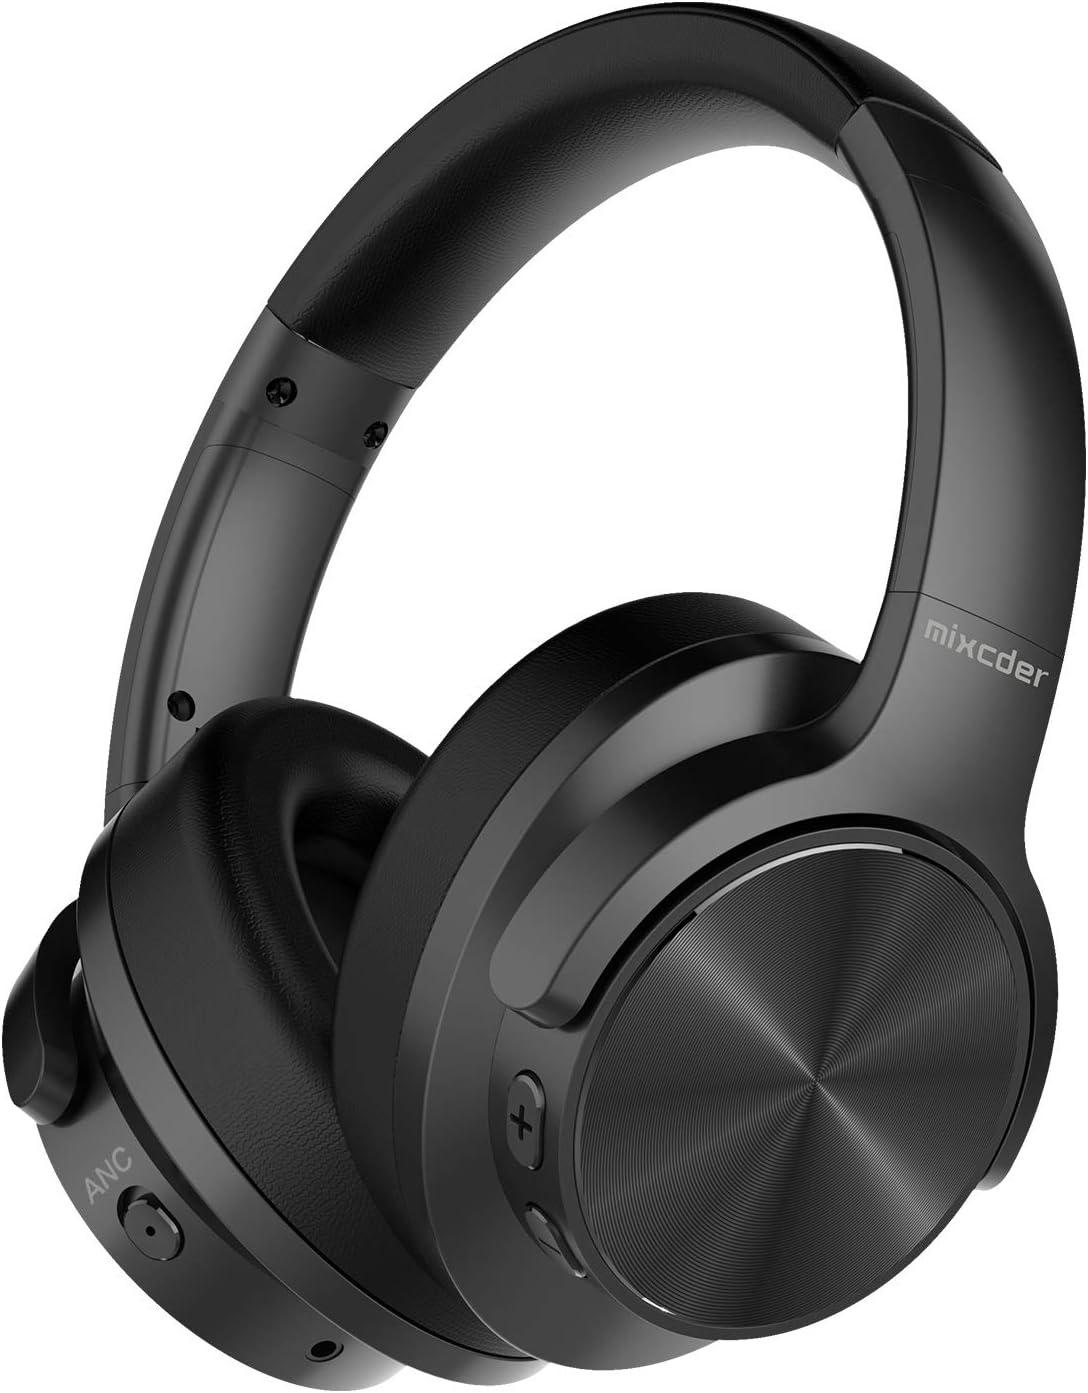 Mixcder E9 Auriculares inalámbricos con Cancelación de Ruido Activa Carga Rápida Casco Bluetooth 5.0 con Micrófono, Earpads Cómodas, 40 mm Controlador Doble, Bluetooth CSR, 35 Horas de Juego